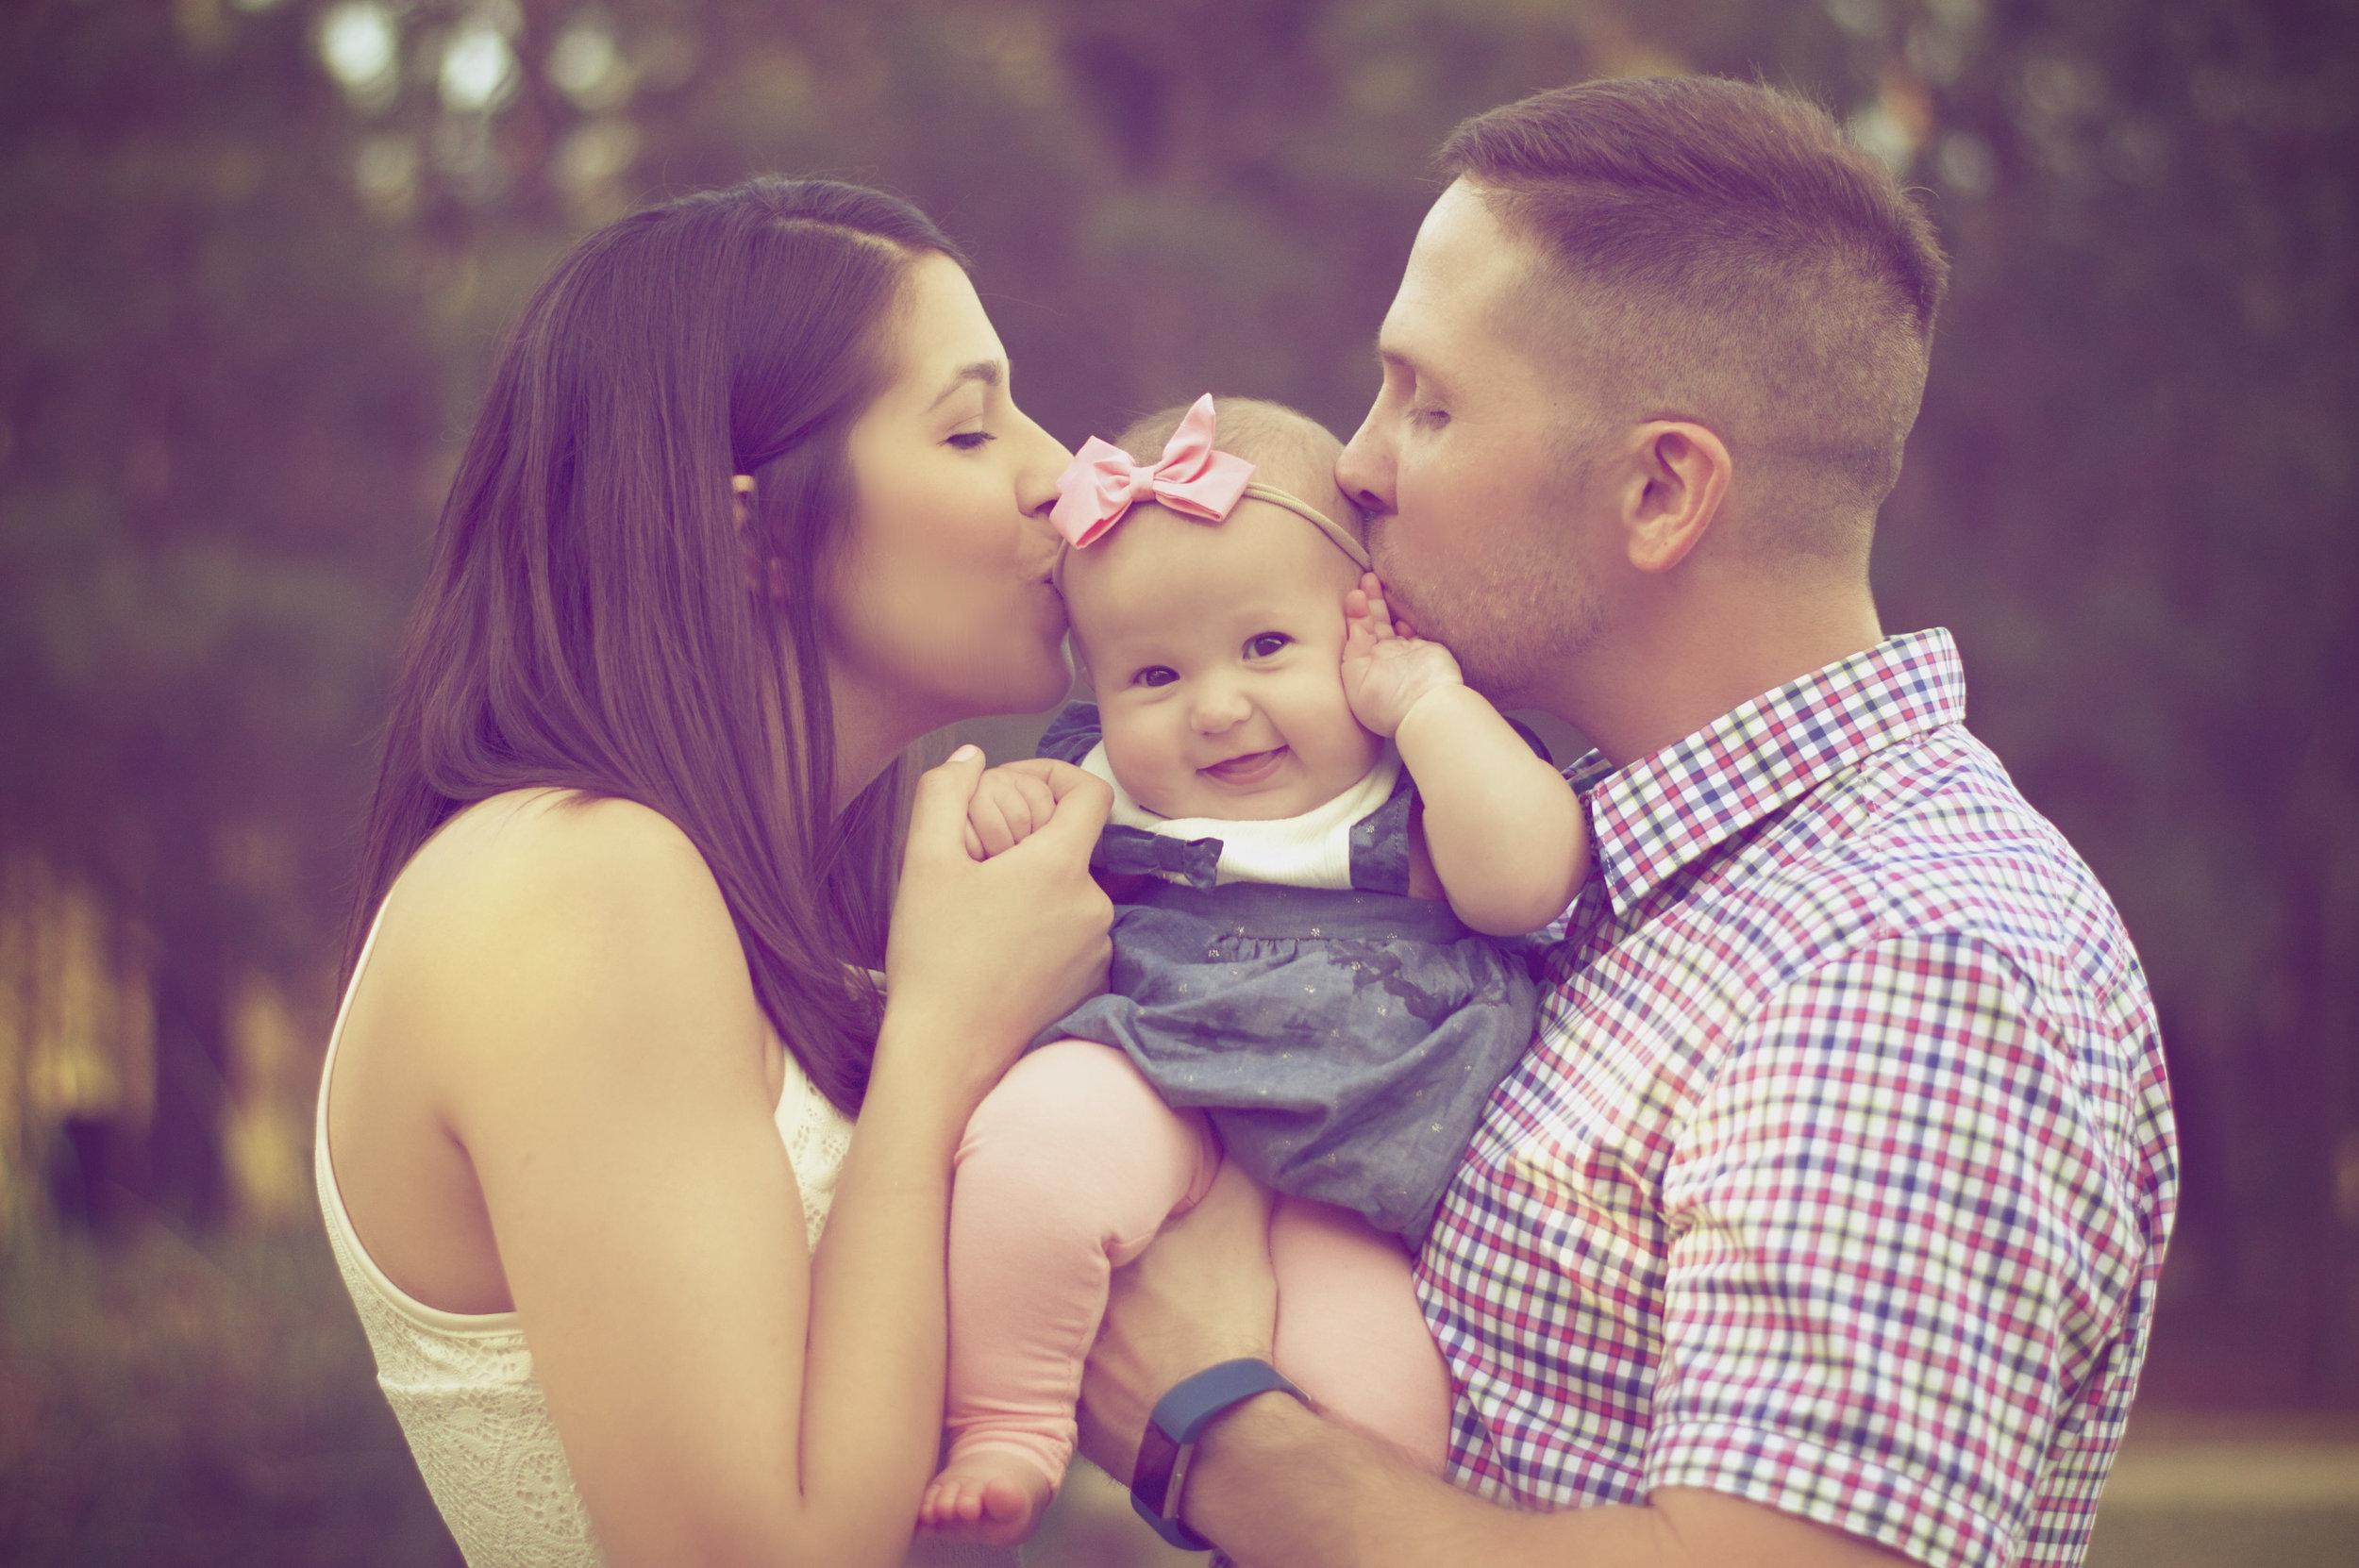 Smiling Family.jpg